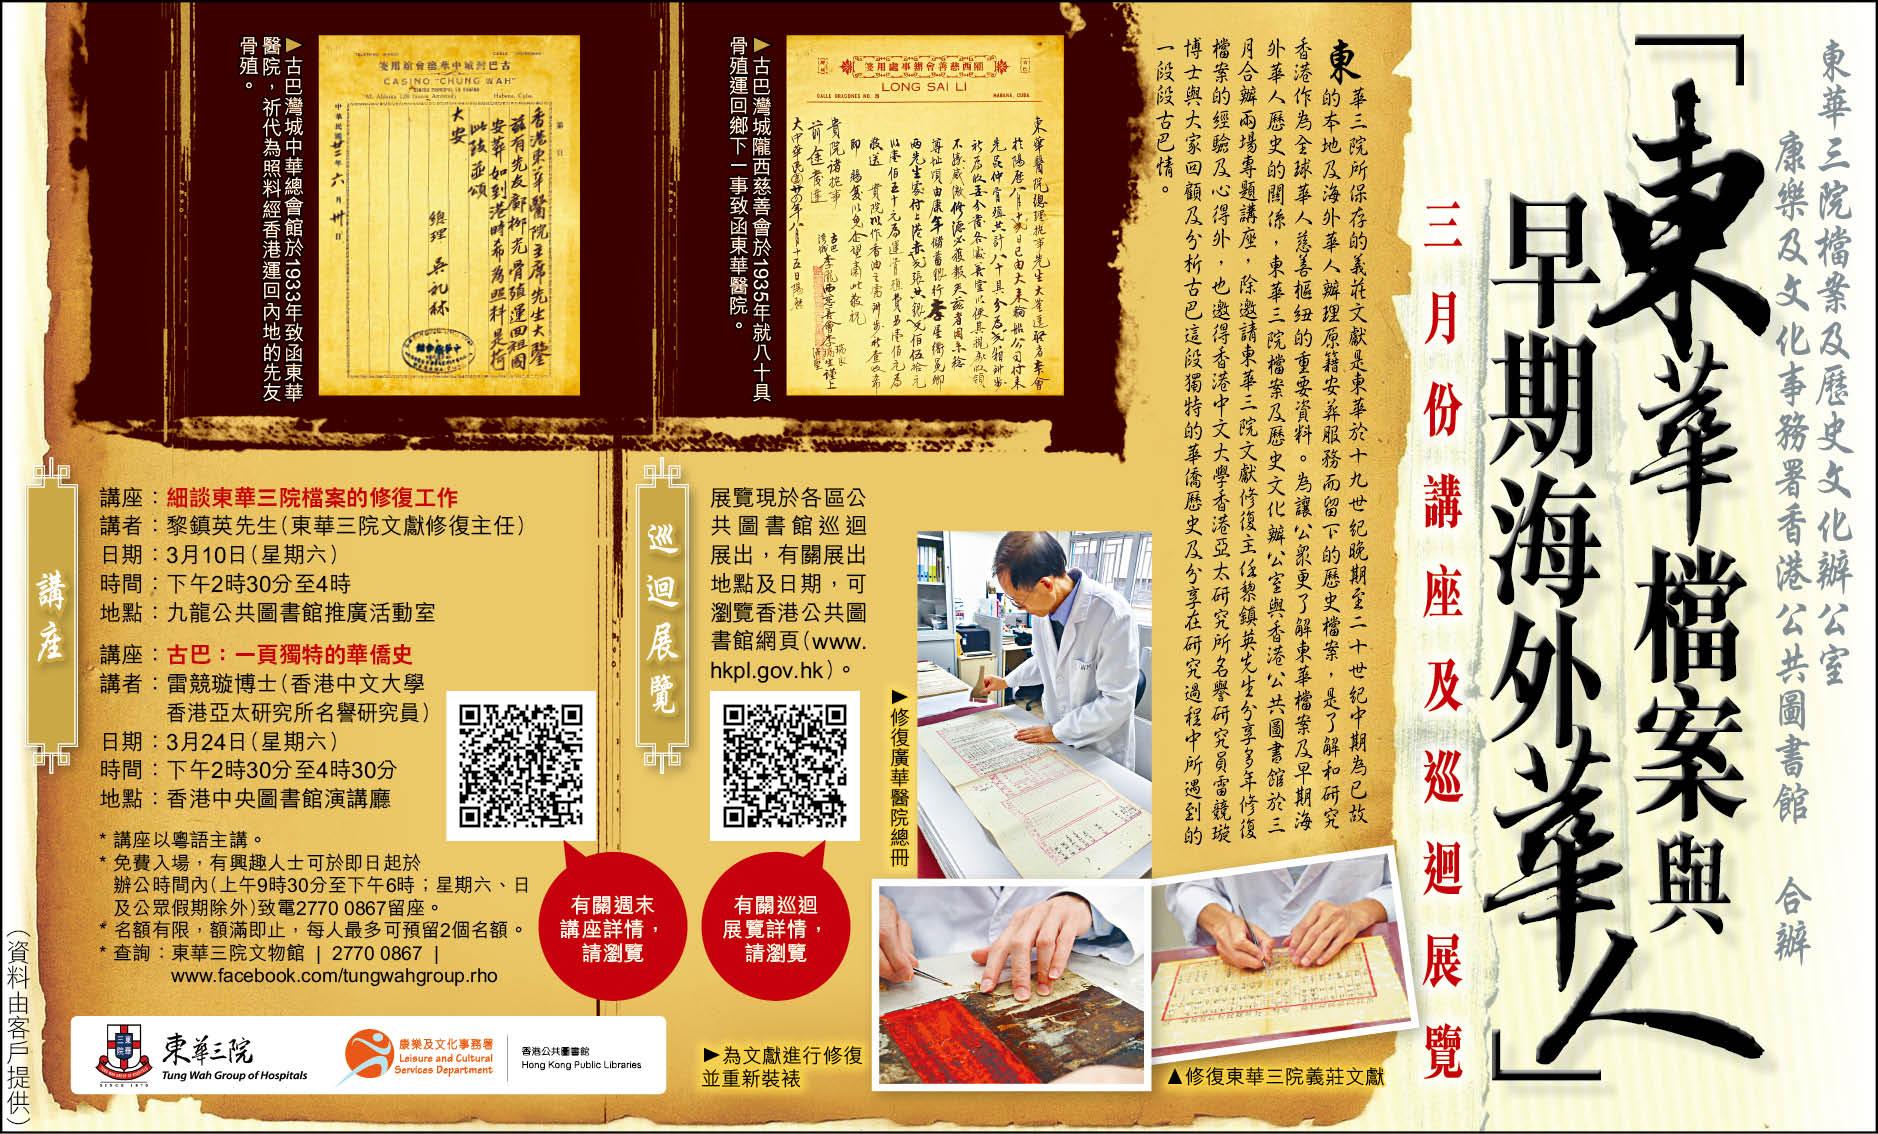 「东华档案与早期海外华人」讲座及巡回展览 - 头条日报广告稿 (2018.2.27)